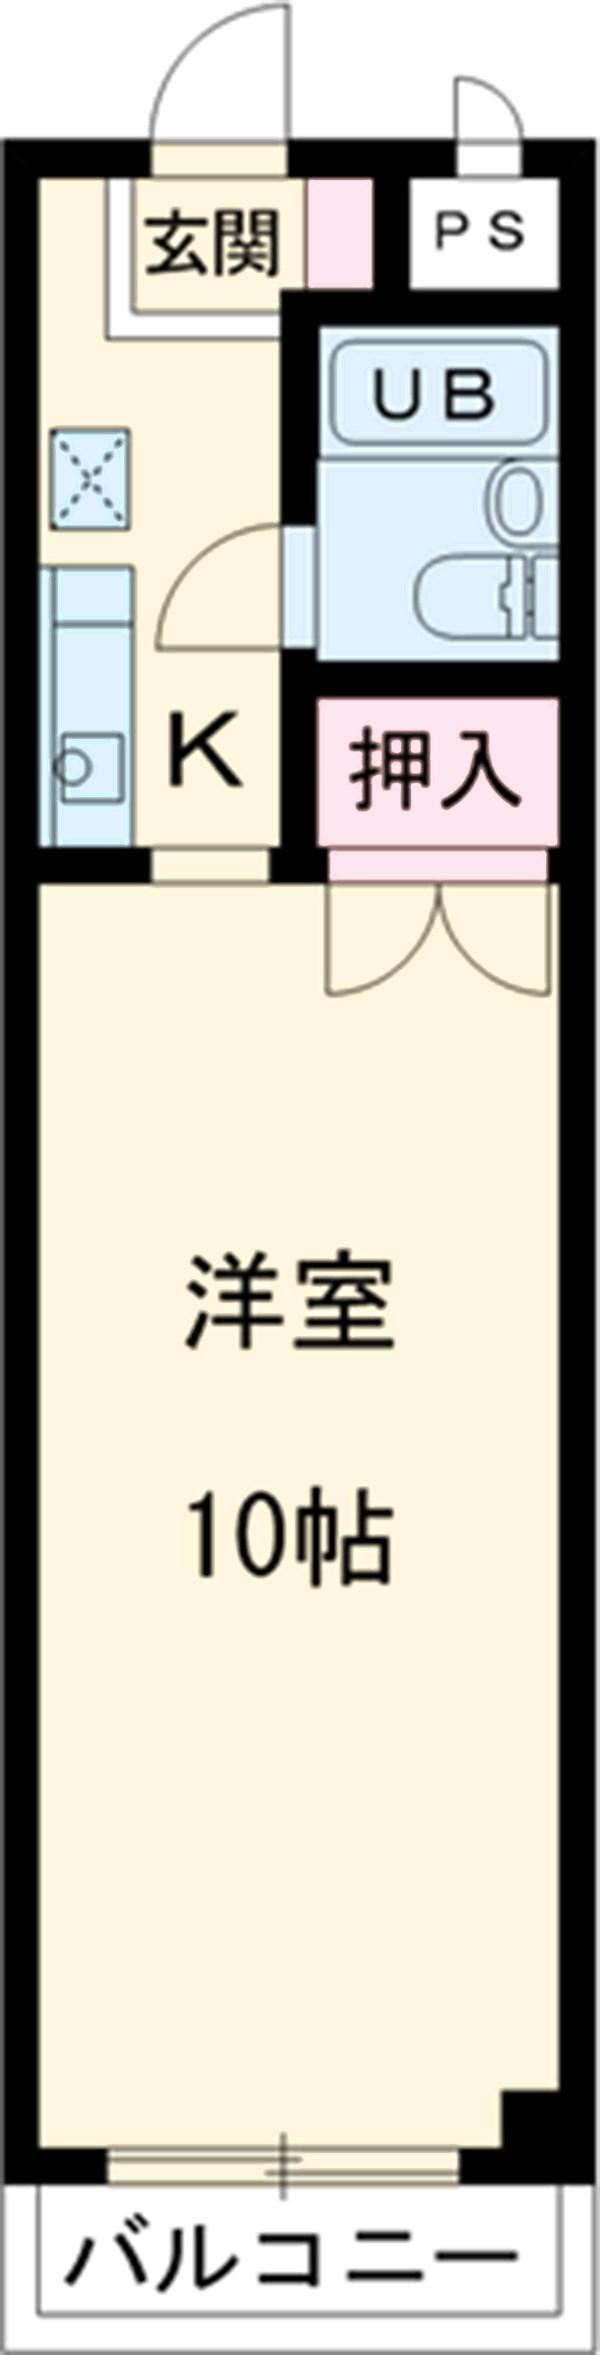 物件ID「226017886106」の写真